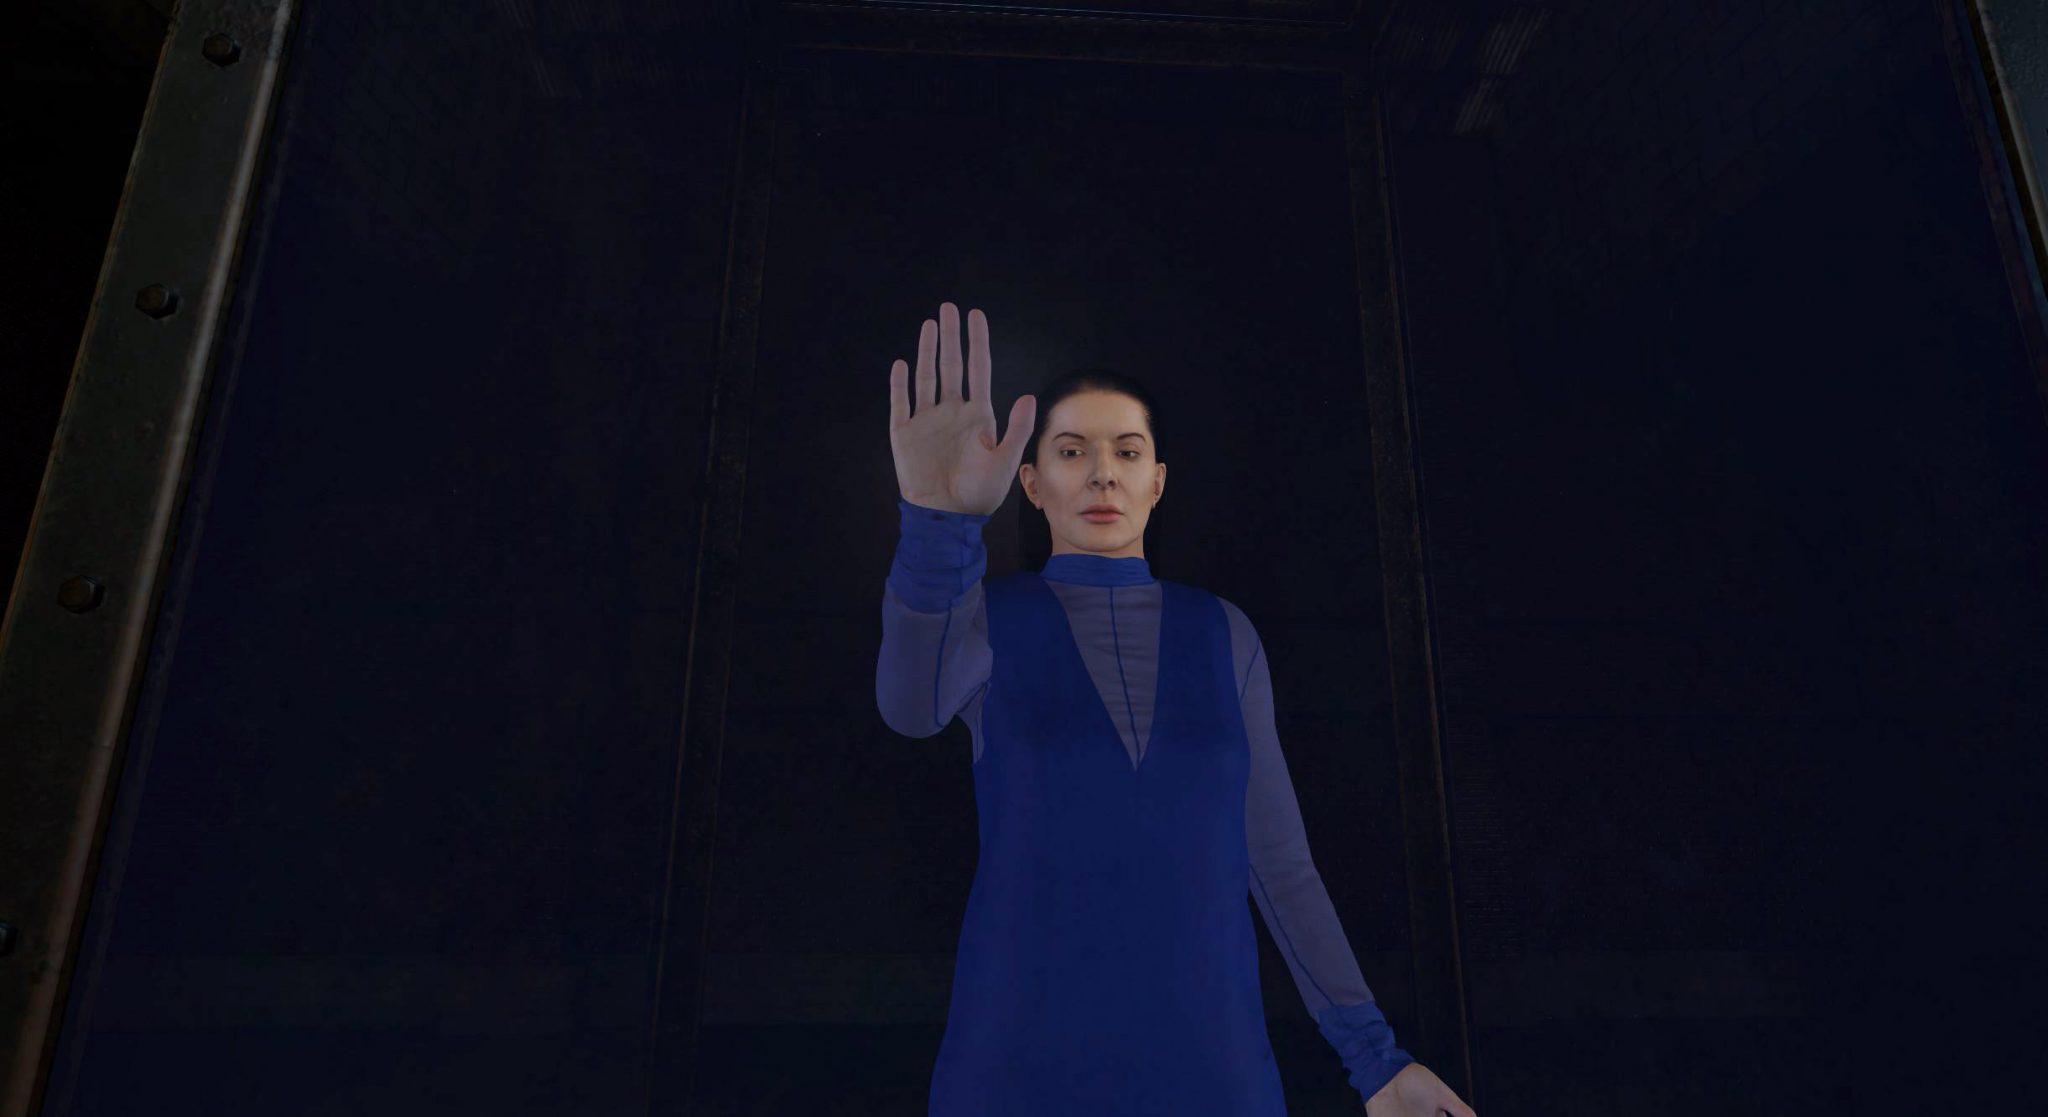 L'avatar di Marina Abramovič e il viaggio introspettivo virtuale di Anish Kapoor ad Art Basel Hong Kong 2018. Link del video trailer